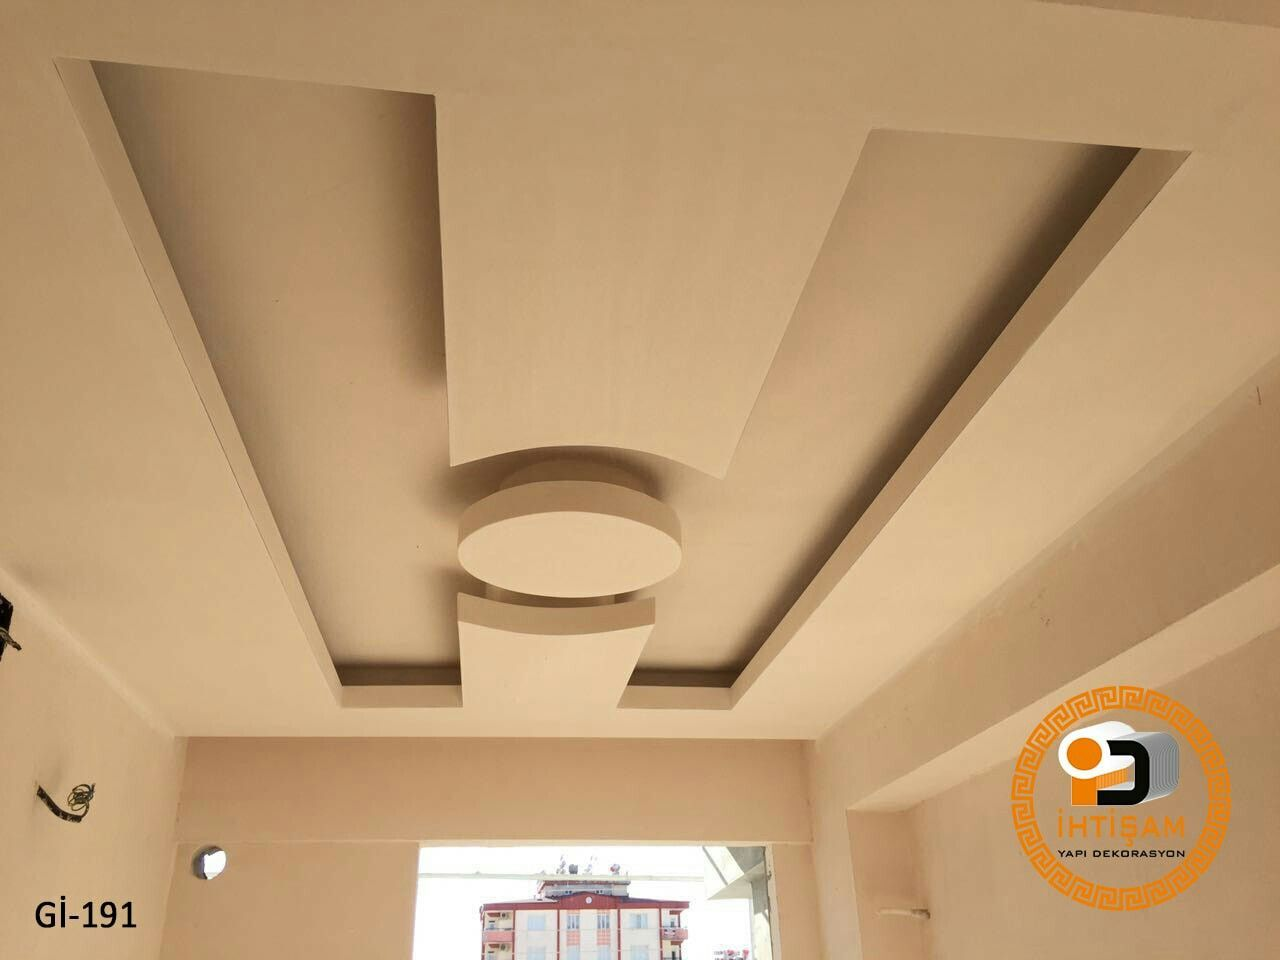 Stupendous Ideas False Ceiling Design Drawing False Ceiling Bedroom Small Spaces False Ceiling Diy Bedrooms False C False Ceiling False Ceiling Design Ceiling